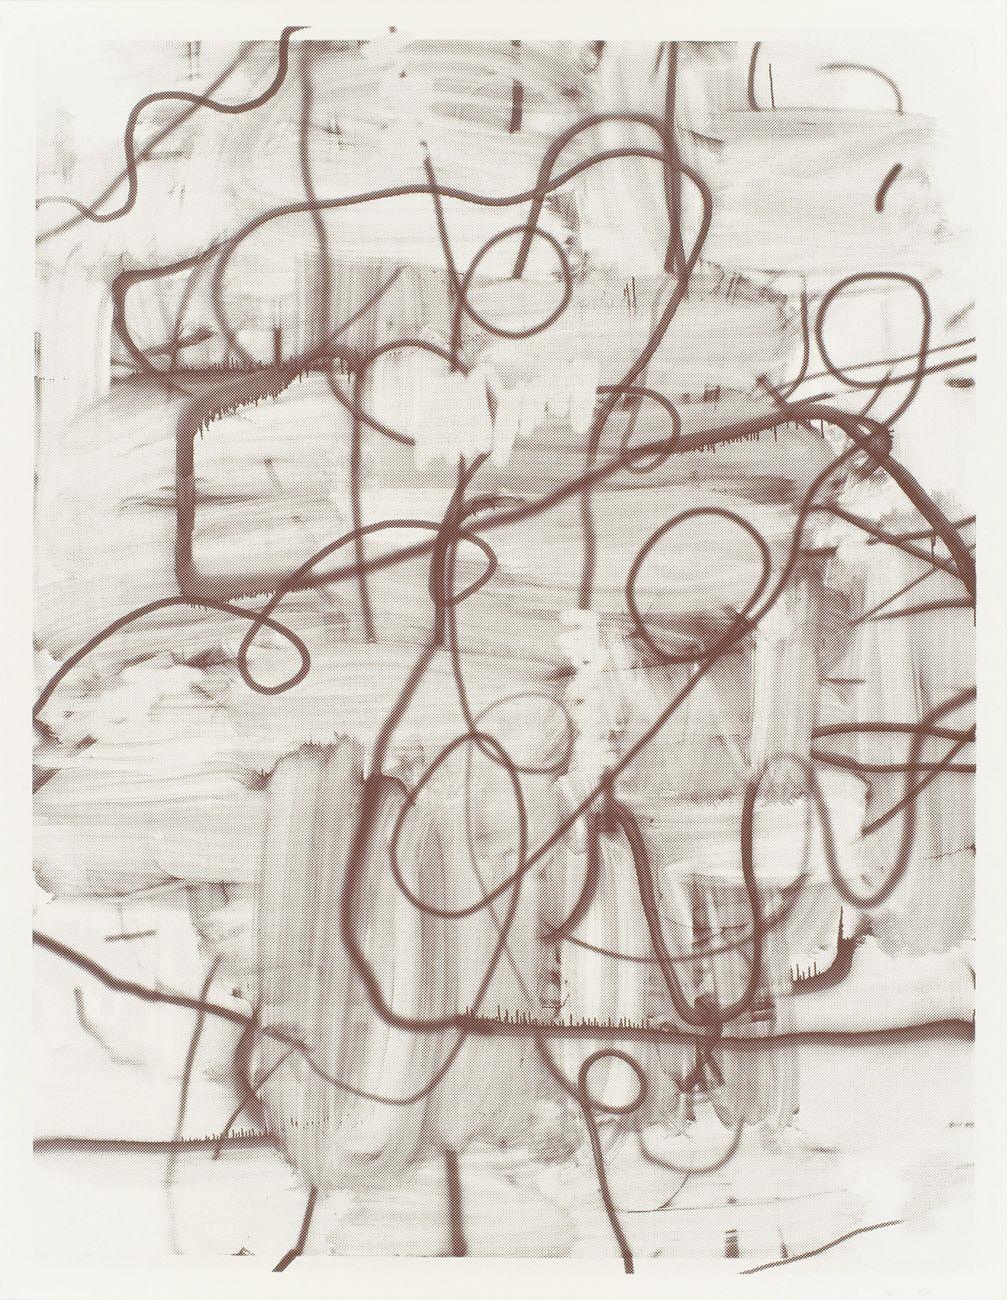 Christopher Wool, Untitled, 2006. Collezione Giancarlo e Danna Olgiati